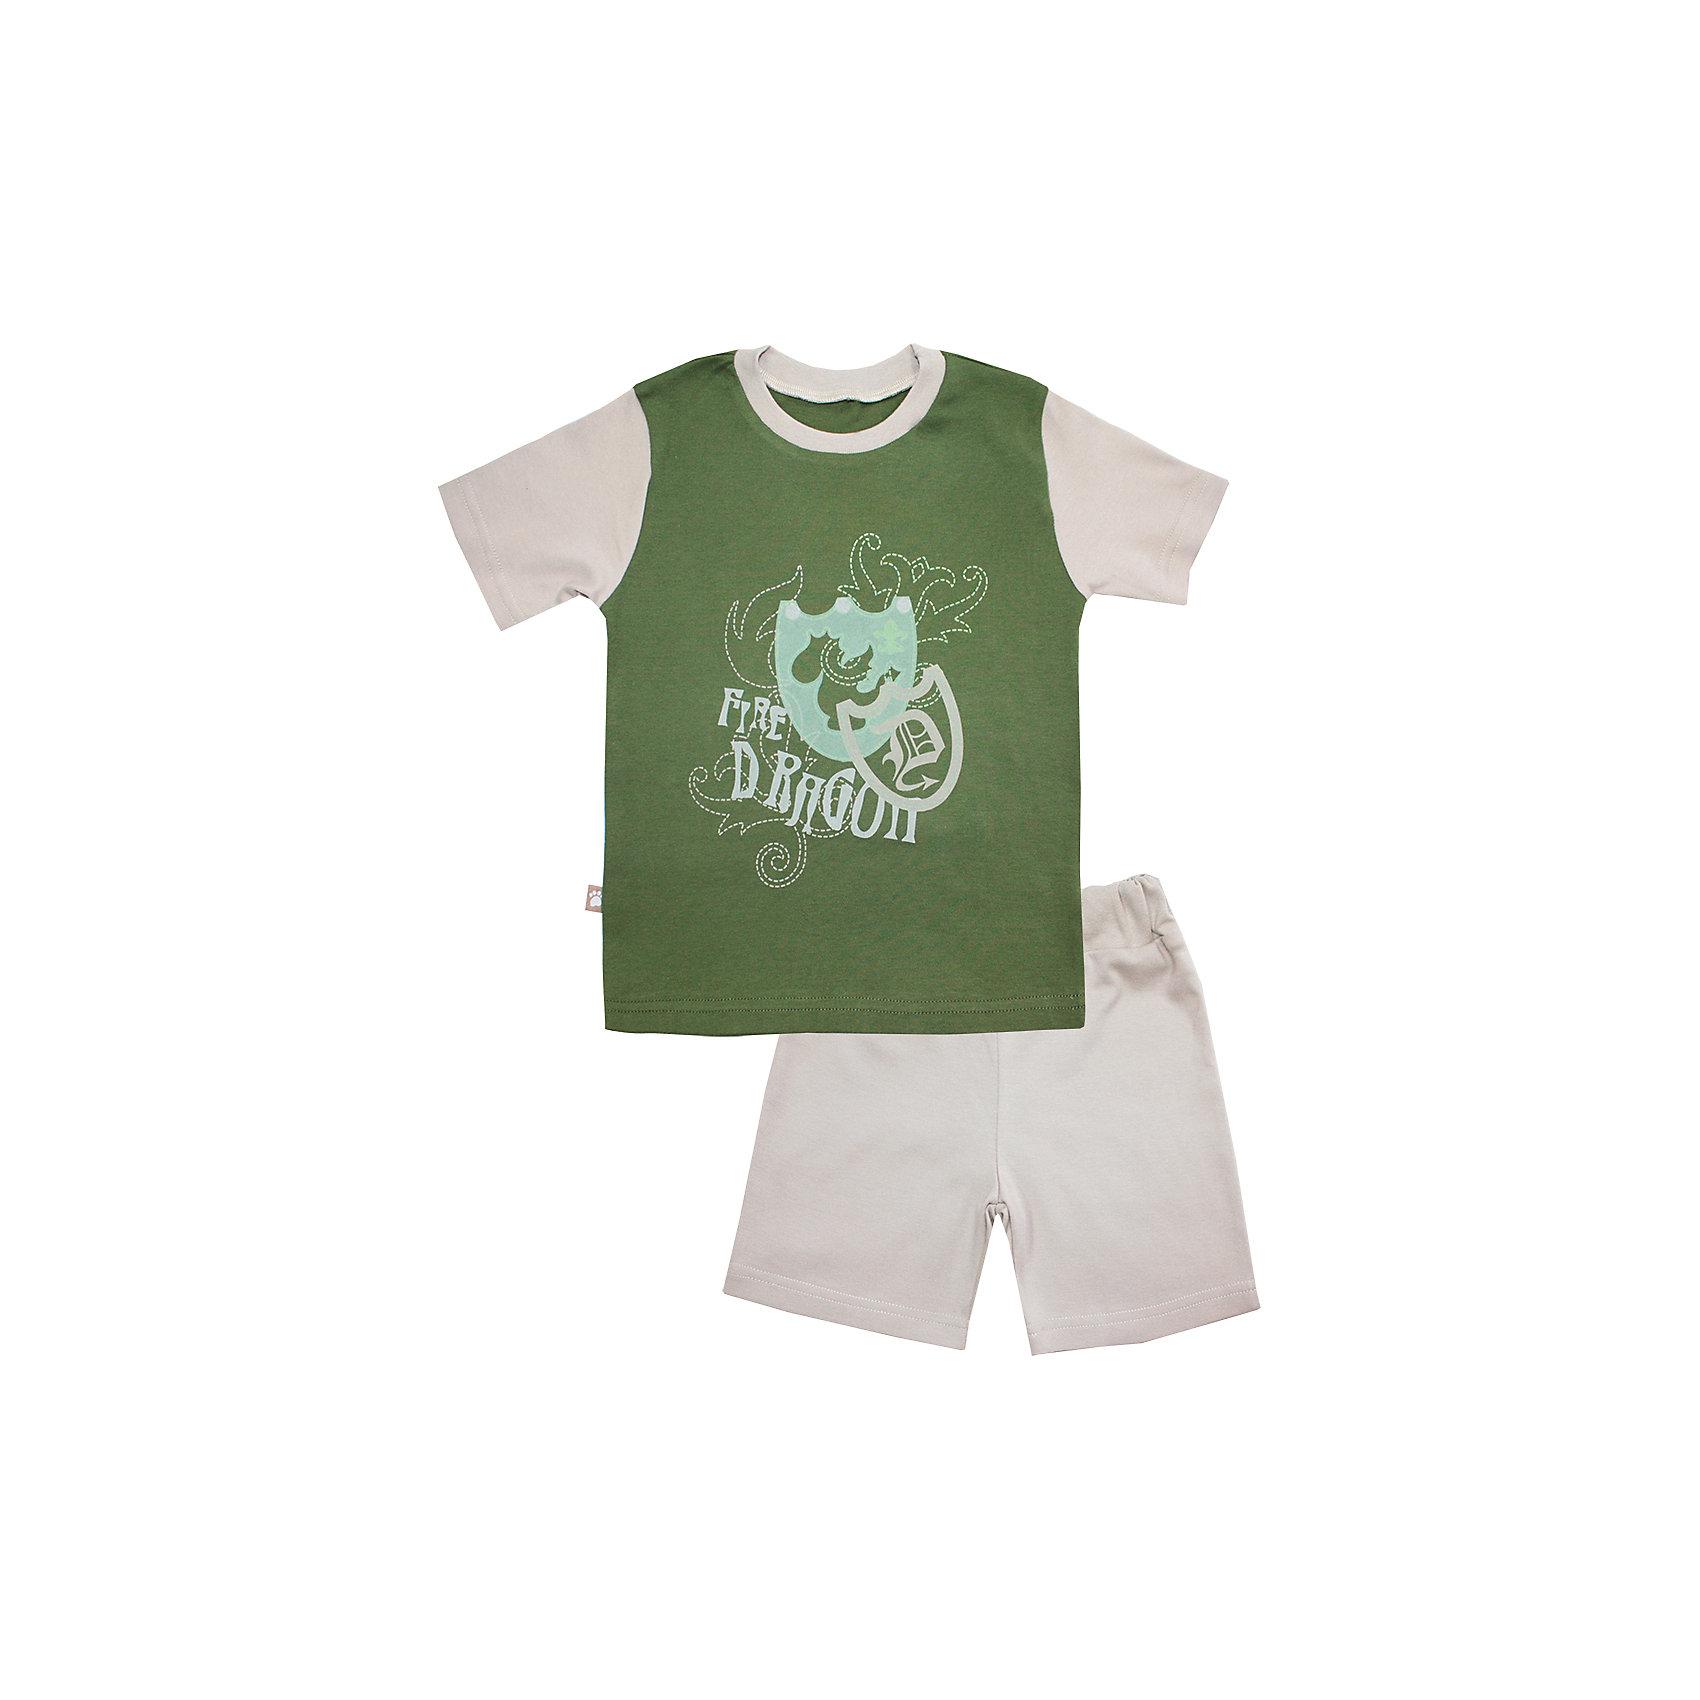 Пижама: футболка и шорты для мальчика KotMarKotПижамы и сорочки<br>Пижама: футболка и шорты для мальчика от известного бренда KotMarKot<br>Состав:<br>100% хлопок<br><br>Ширина мм: 281<br>Глубина мм: 70<br>Высота мм: 188<br>Вес г: 295<br>Цвет: зеленый<br>Возраст от месяцев: 48<br>Возраст до месяцев: 60<br>Пол: Мужской<br>Возраст: Детский<br>Размер: 116,128,104,134,122,110<br>SKU: 4873295